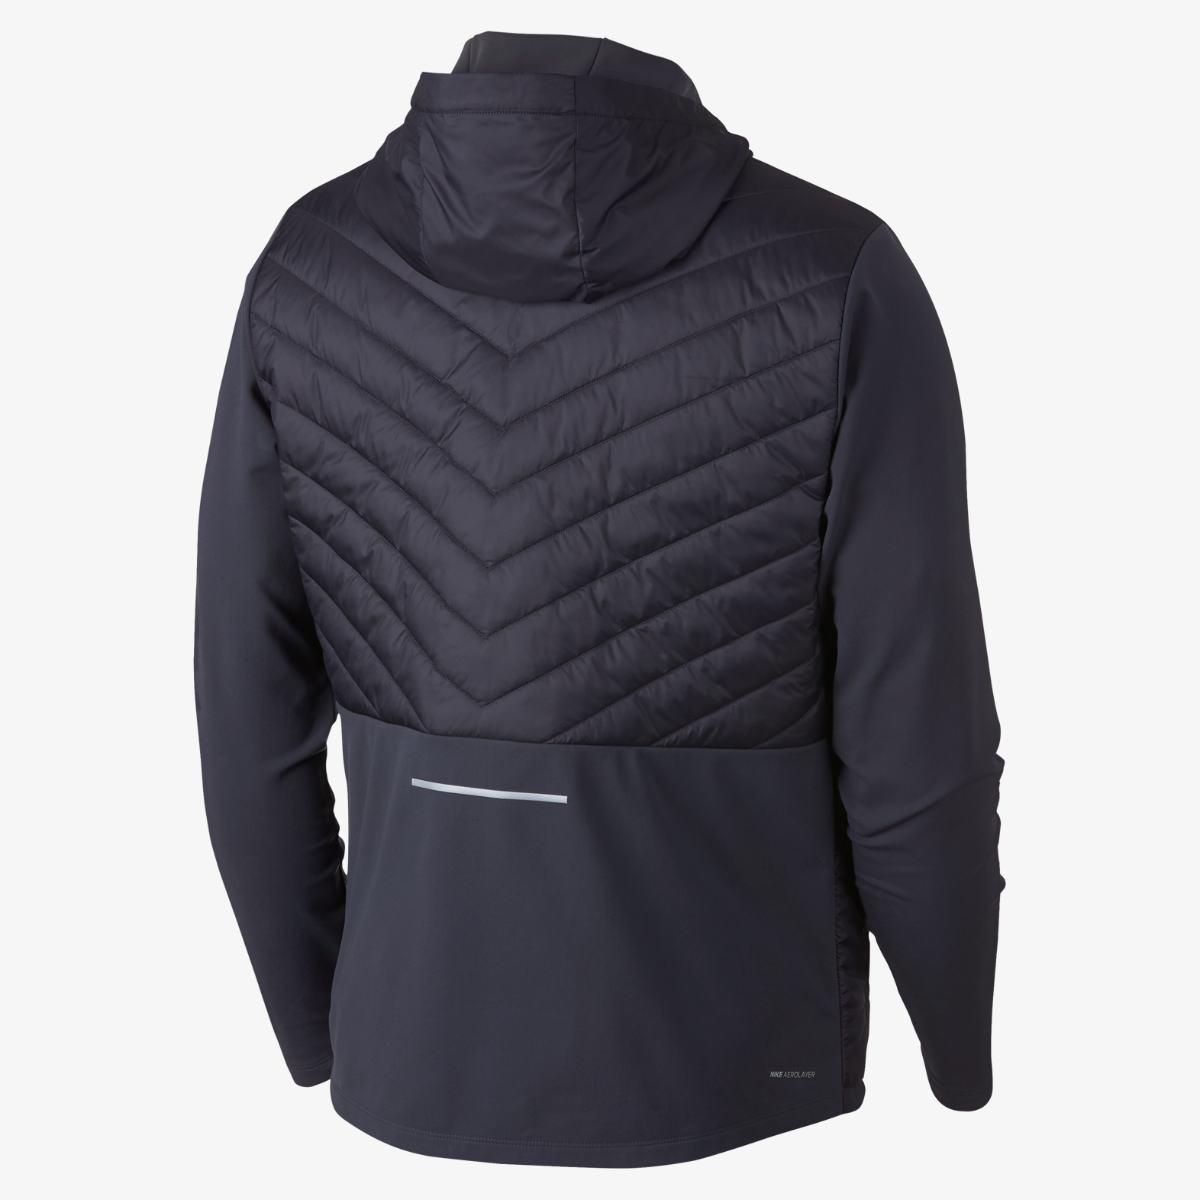 613d2752 Куртка NIKE M NK AROLYR JACKET AH0544-081 купить | deltasport.ua